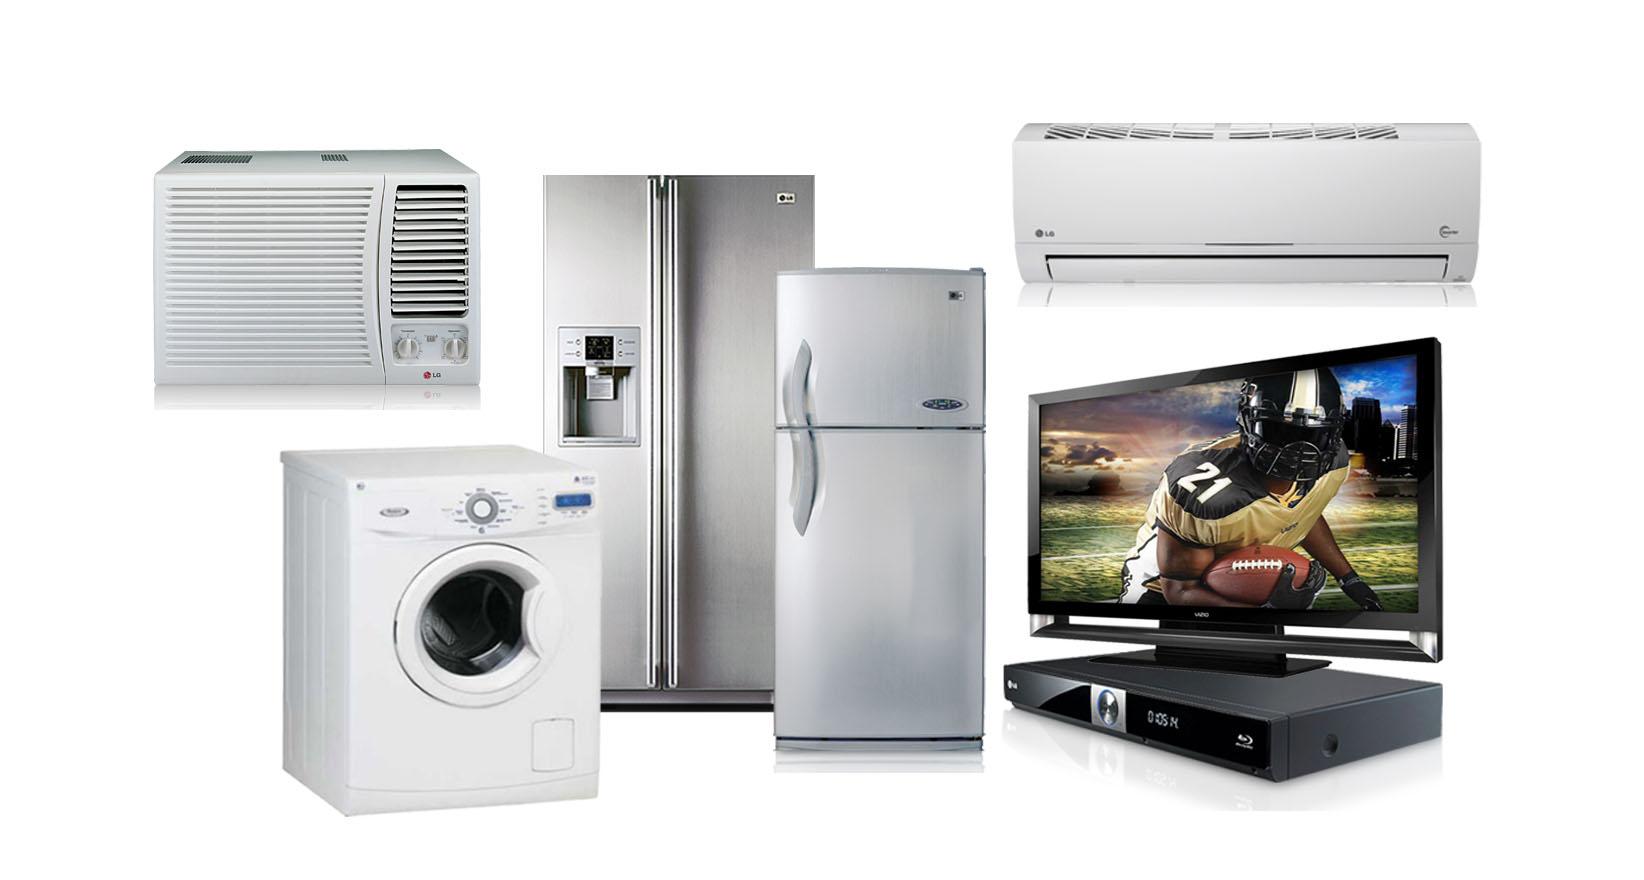 Ahorrar electricidad electrodom sticos el mejor ahorro - Lavadora en la cocina ...